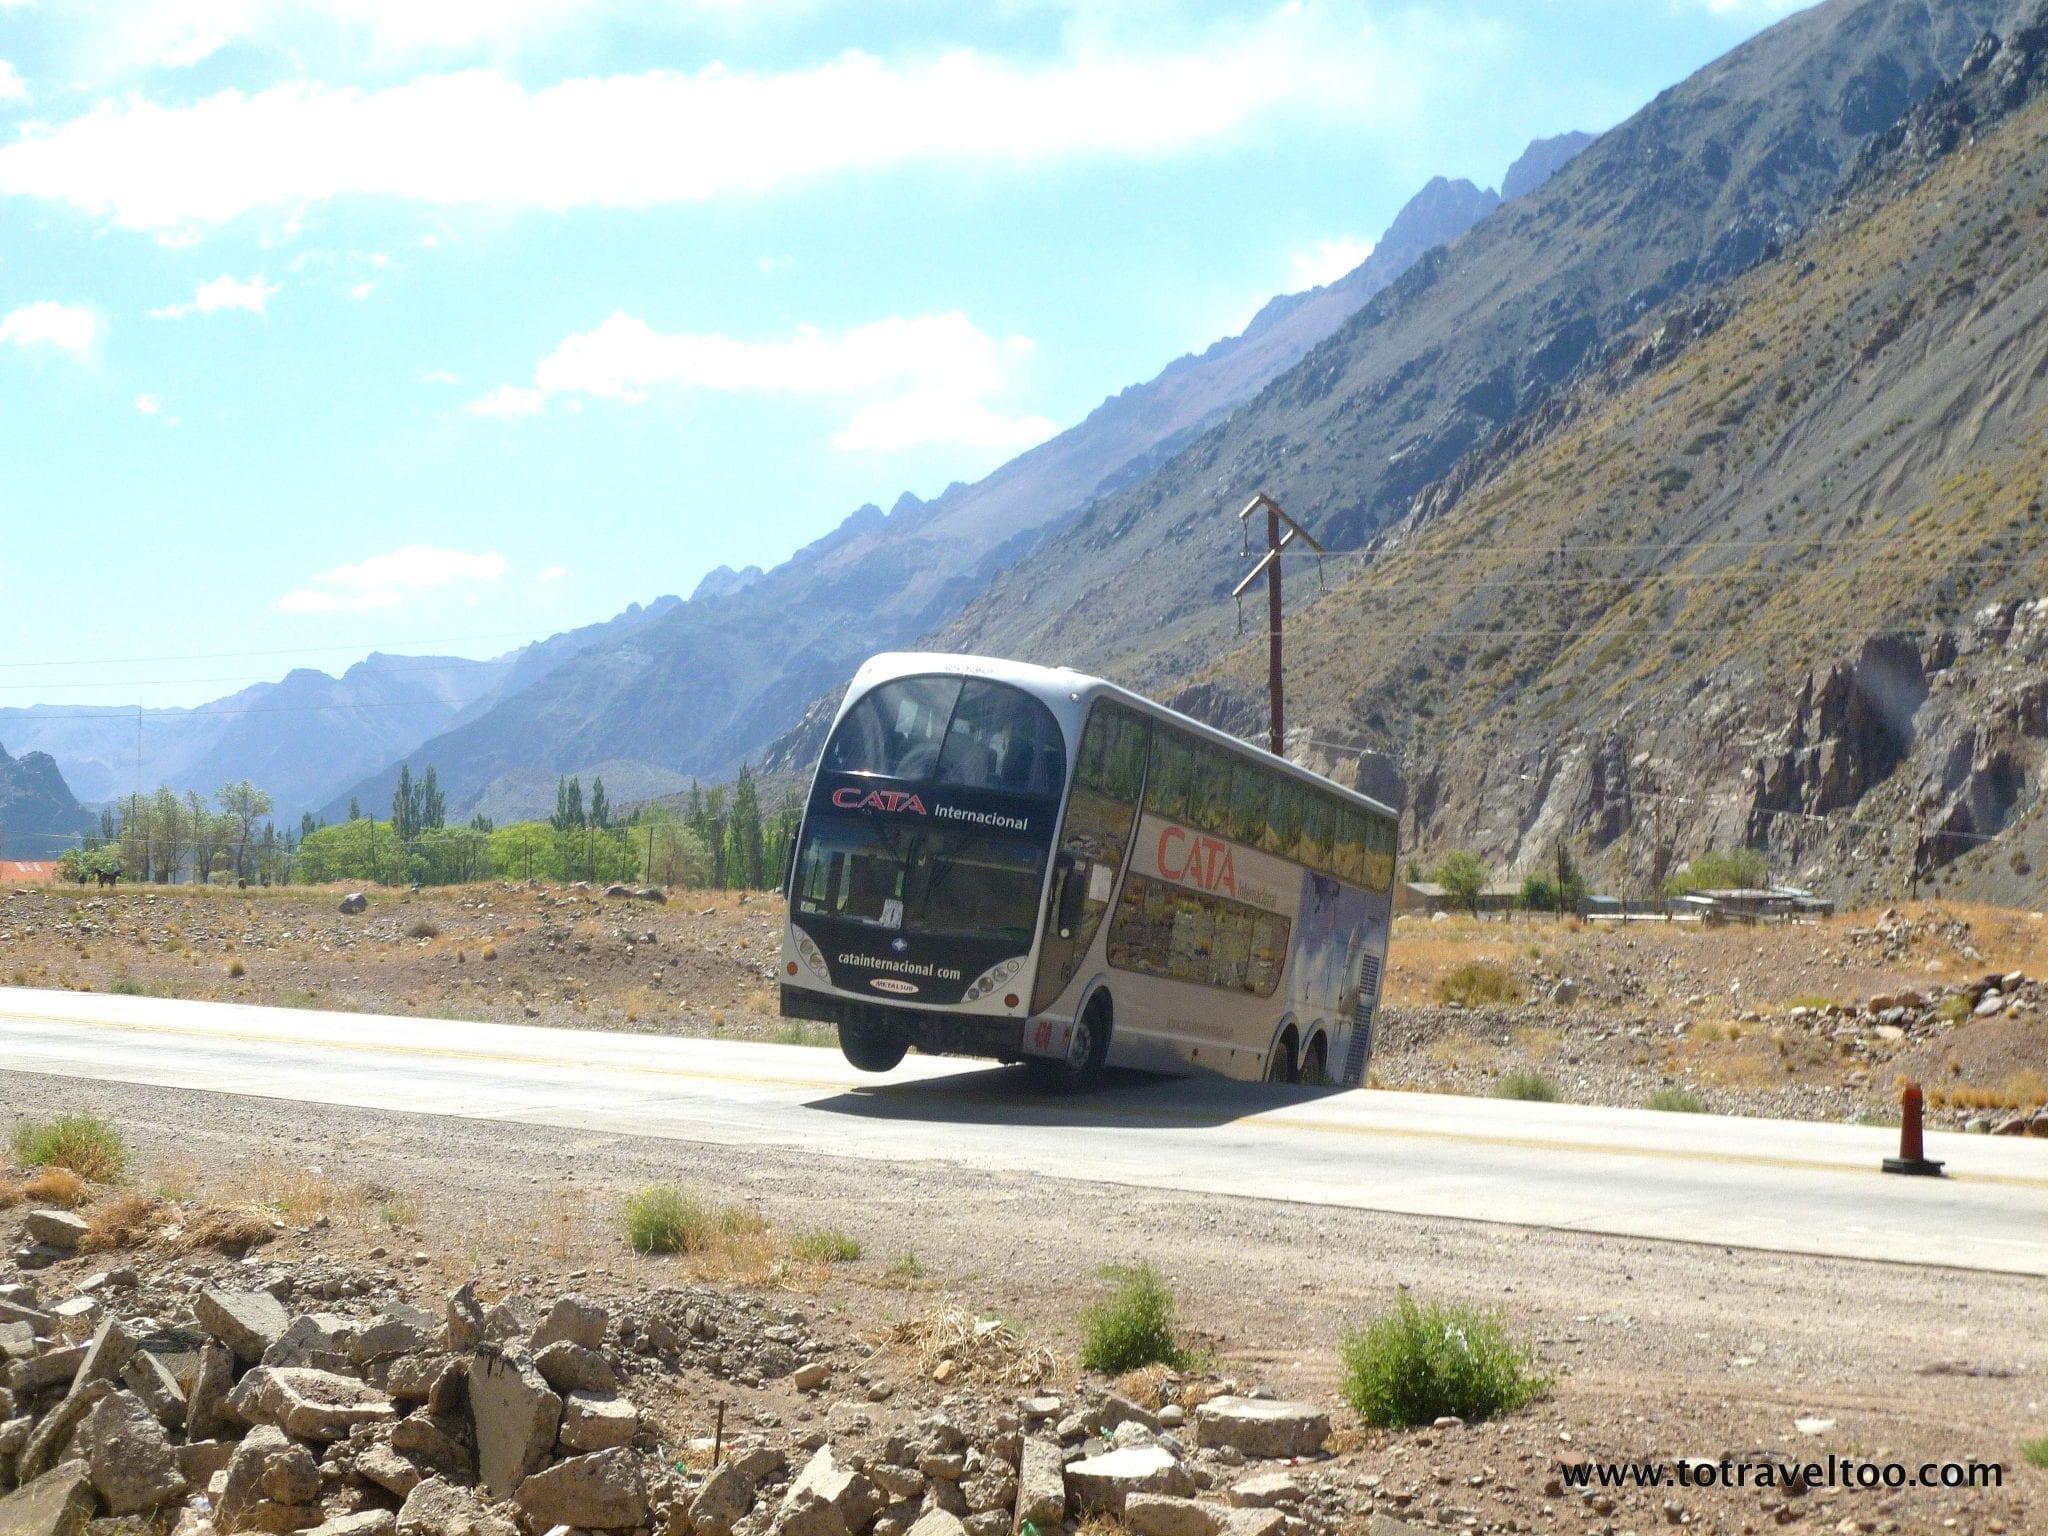 Its a dangerous road to Mendoza Argentina